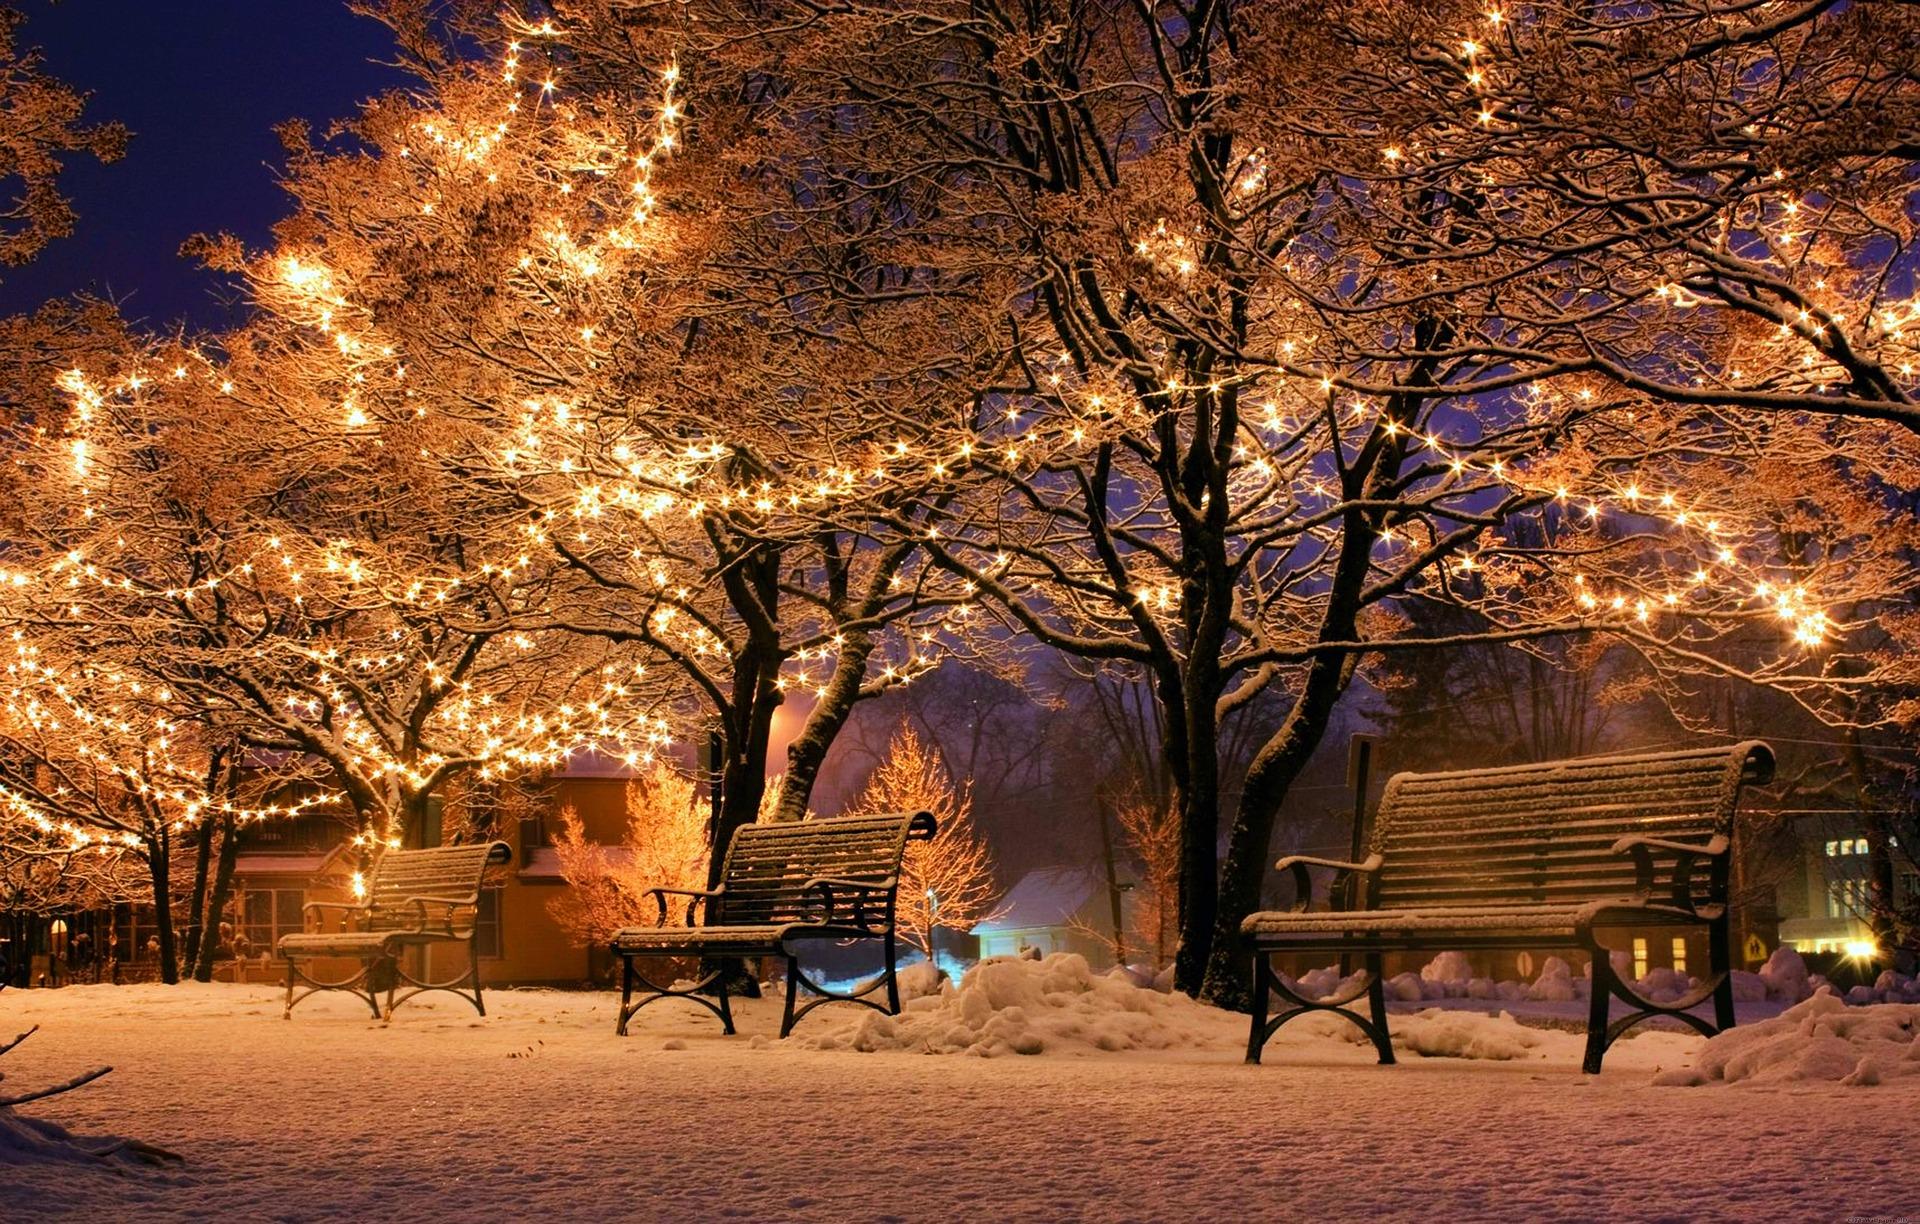 Wann Macht Man Die Weihnachtsbeleuchtung An.Nachhaltige Weihnachtsbeleuchtung Nacht Licht